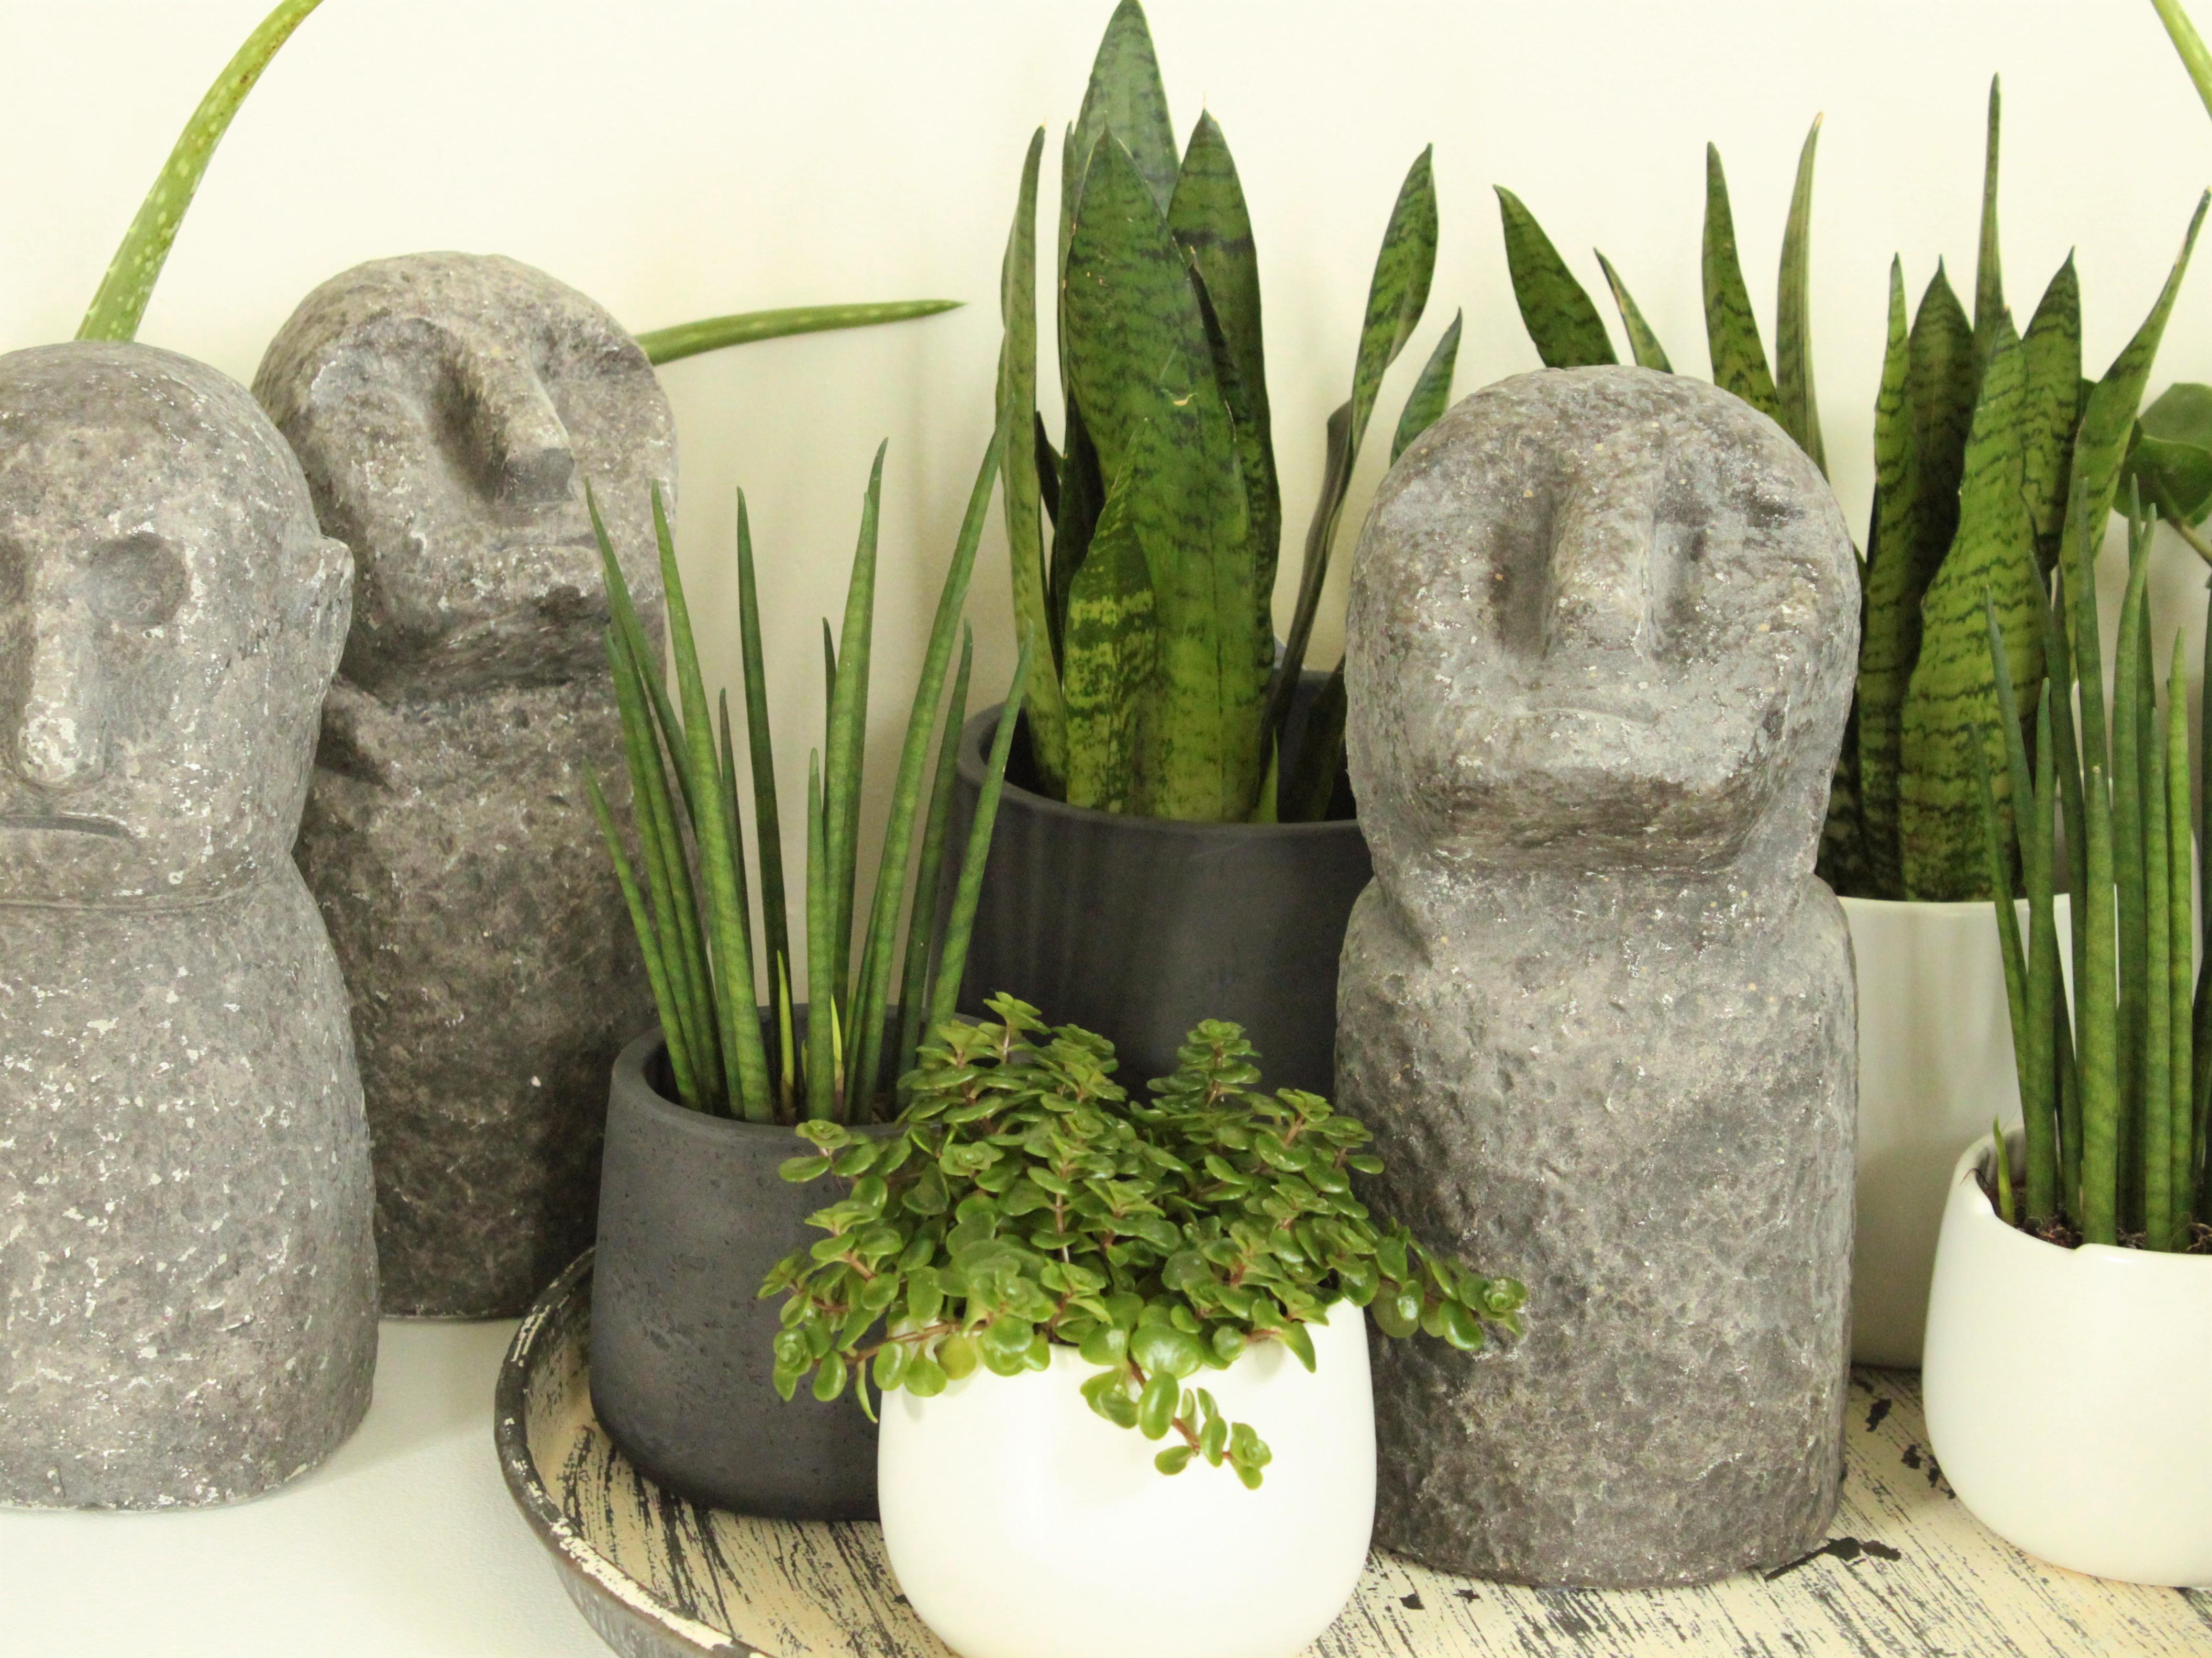 Decoratie greendelight home shoppen in een huiselijke sfeer